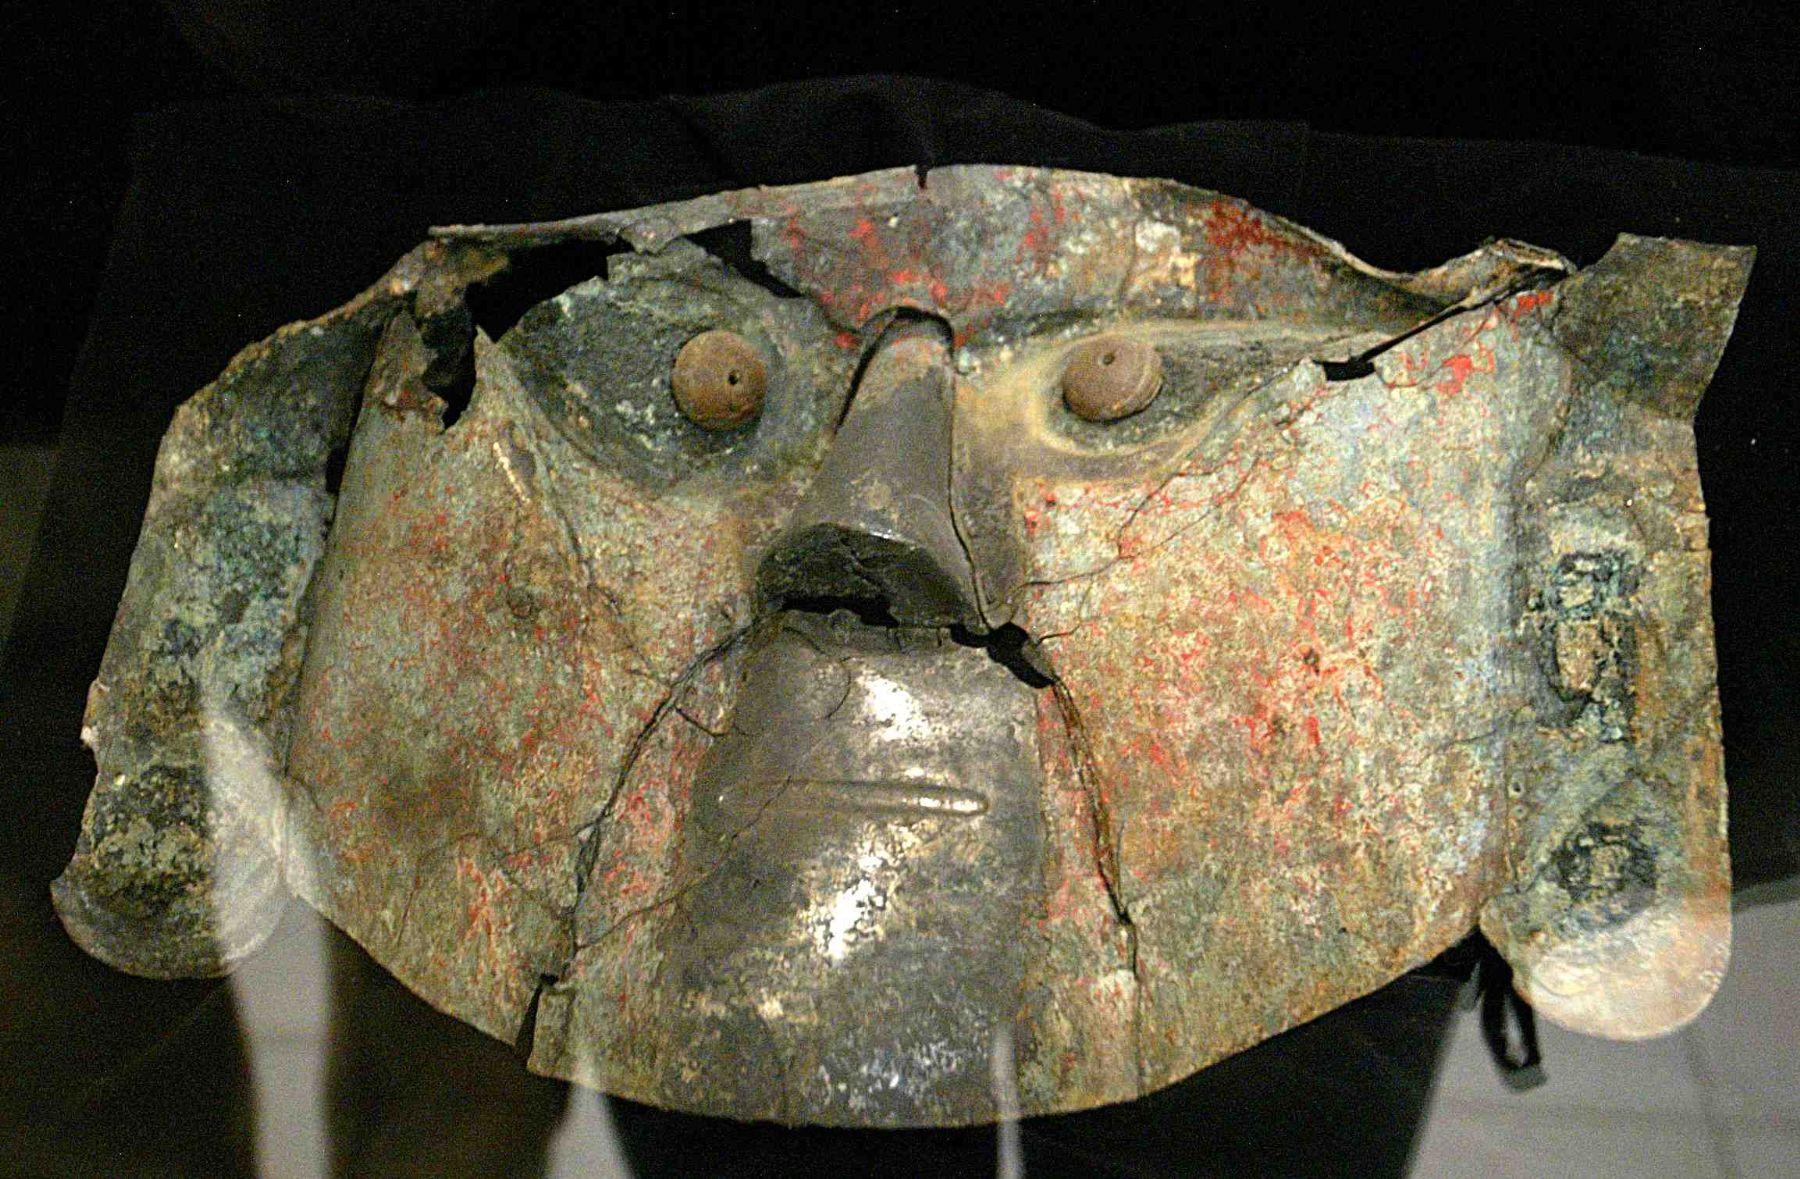 El Museo Nacional Sicán, ubicado en la provincia lambayecana de Ferreñafe, alberga 25 máscaras funerarias similares a la recuperada en Alemania, las cuales fueron descubiertas en las investigaciones arqueológicas en el Santuario Histórico Bosque de Pómac, informó el director de dicho recinto cultural, Carlos Elera. ANDINA/Difusión